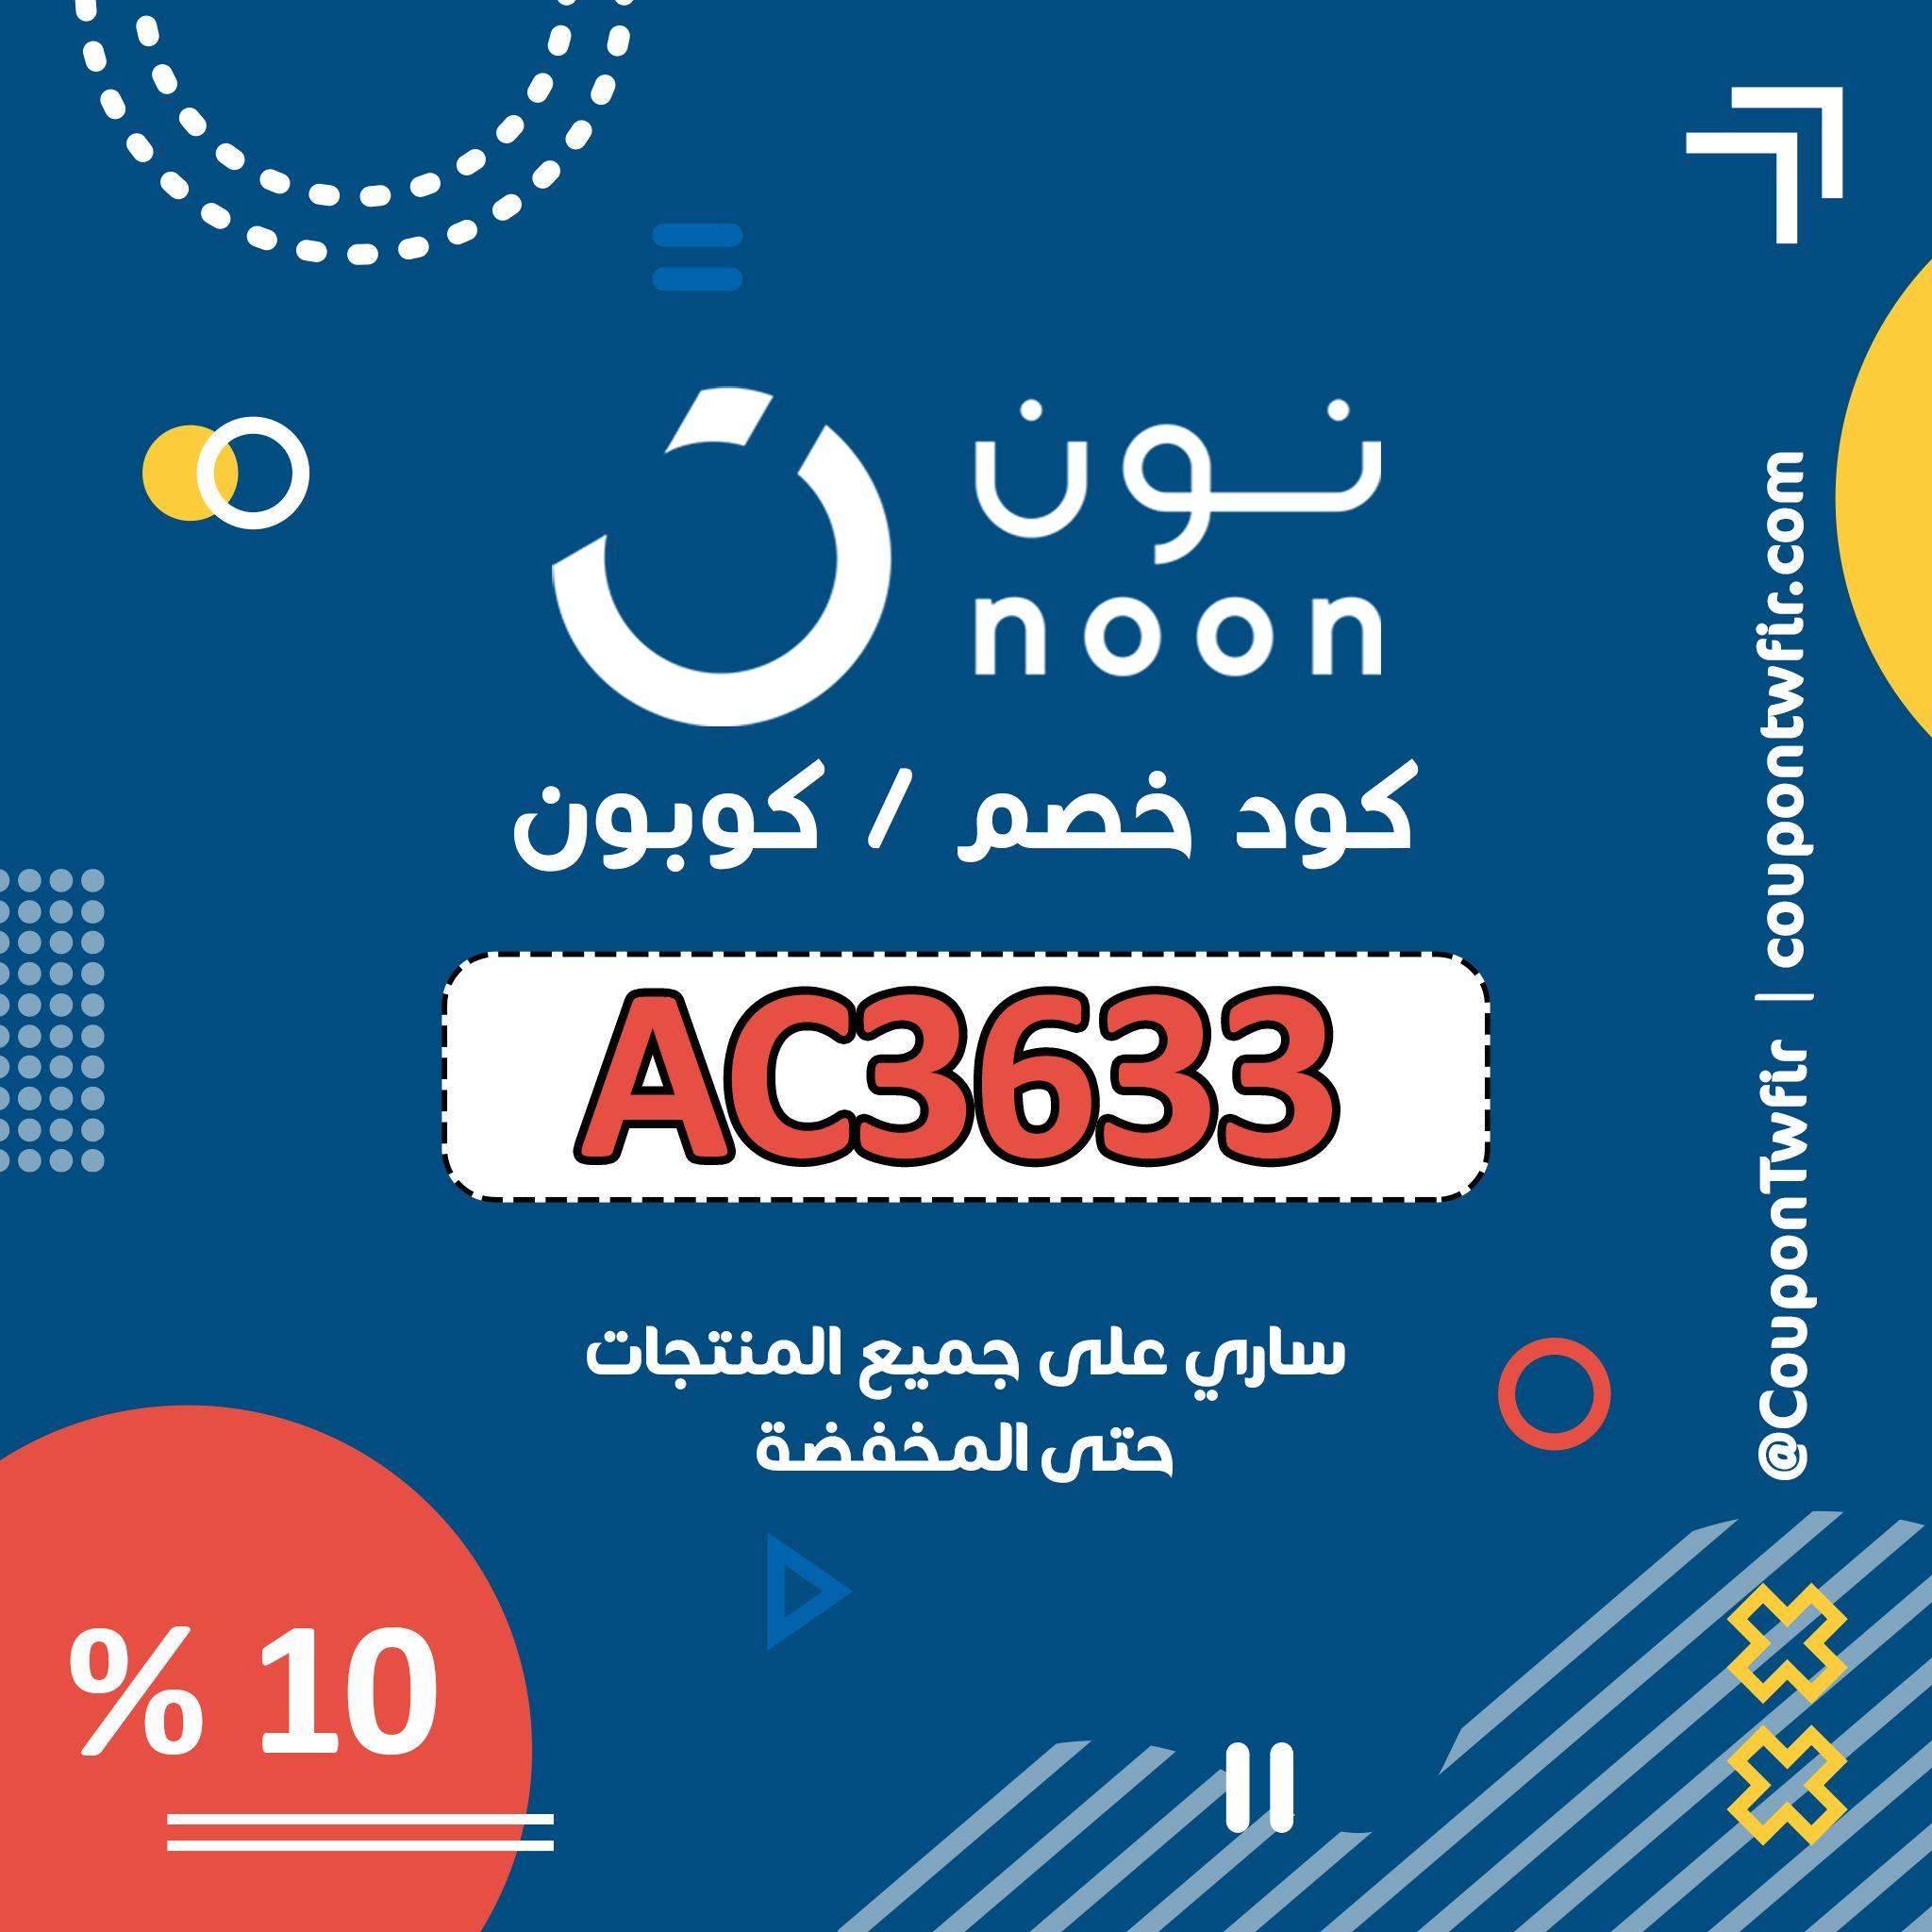 كود خصم نون مصر تخفيضات تصل إلى 10 على جميع المنتجات 10 Things